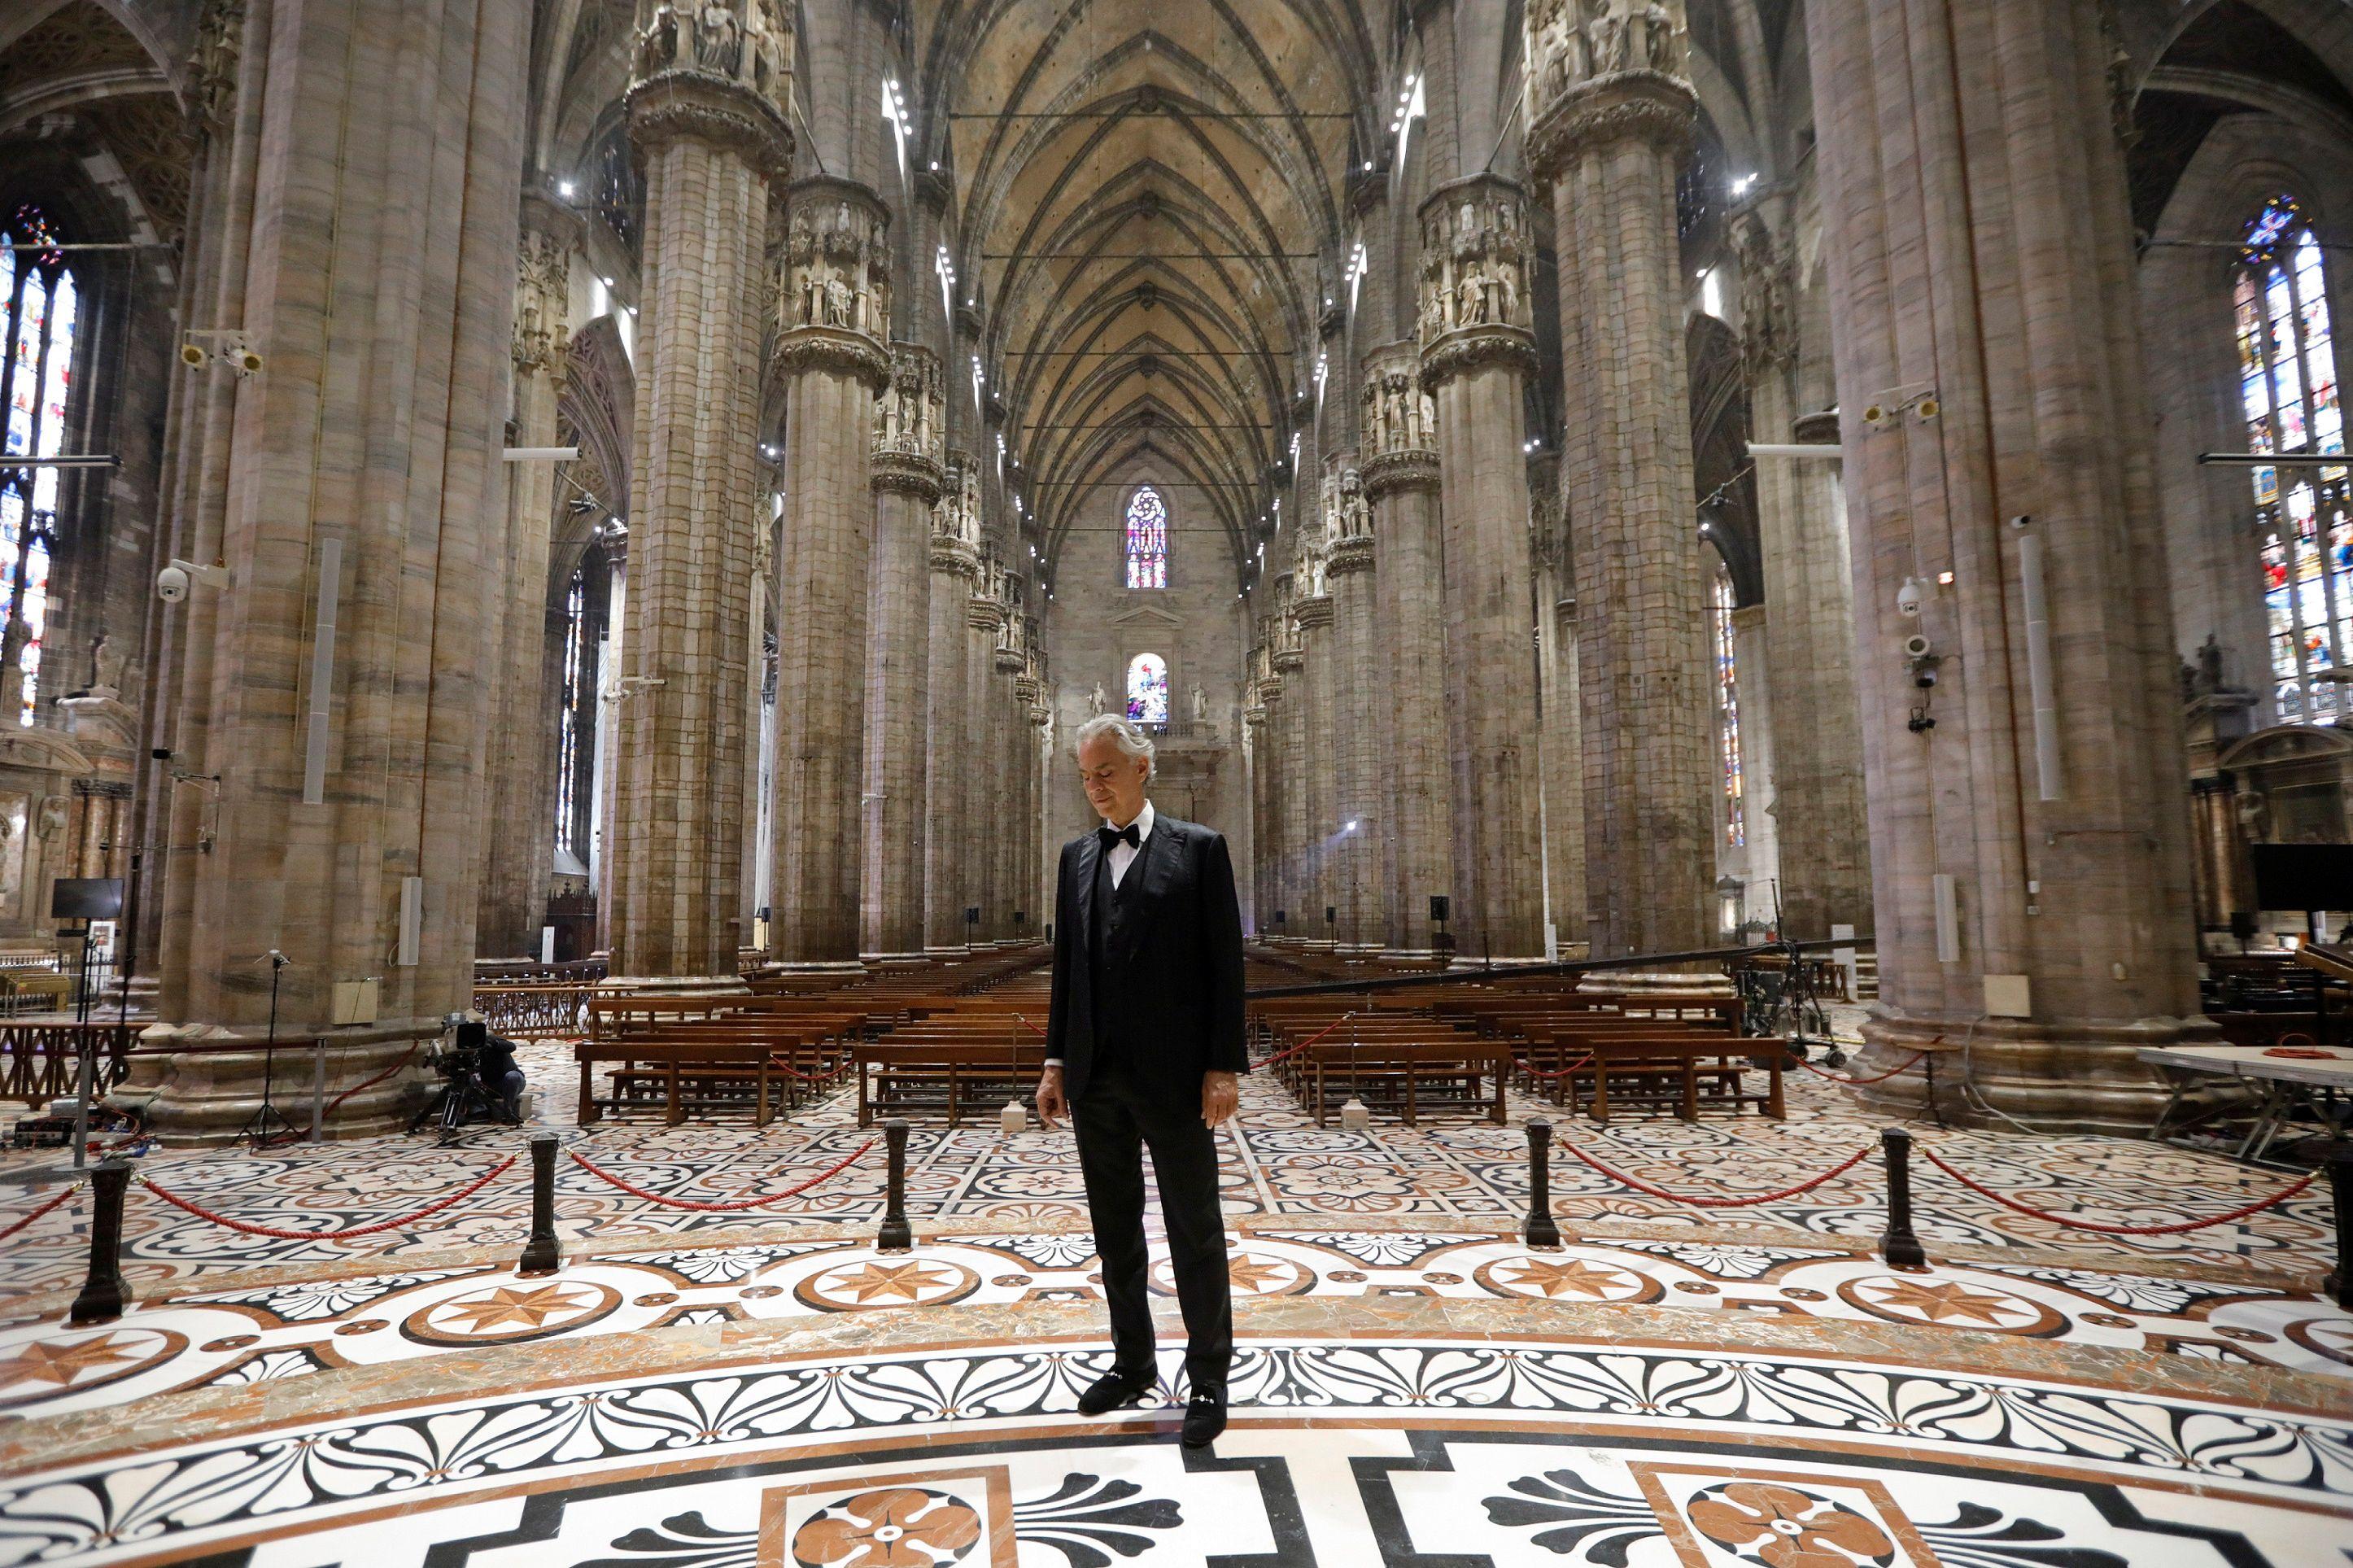 El reconocido cantante de ópera Andrea Bocelli cantó desde la Catedral de Milan en el evento